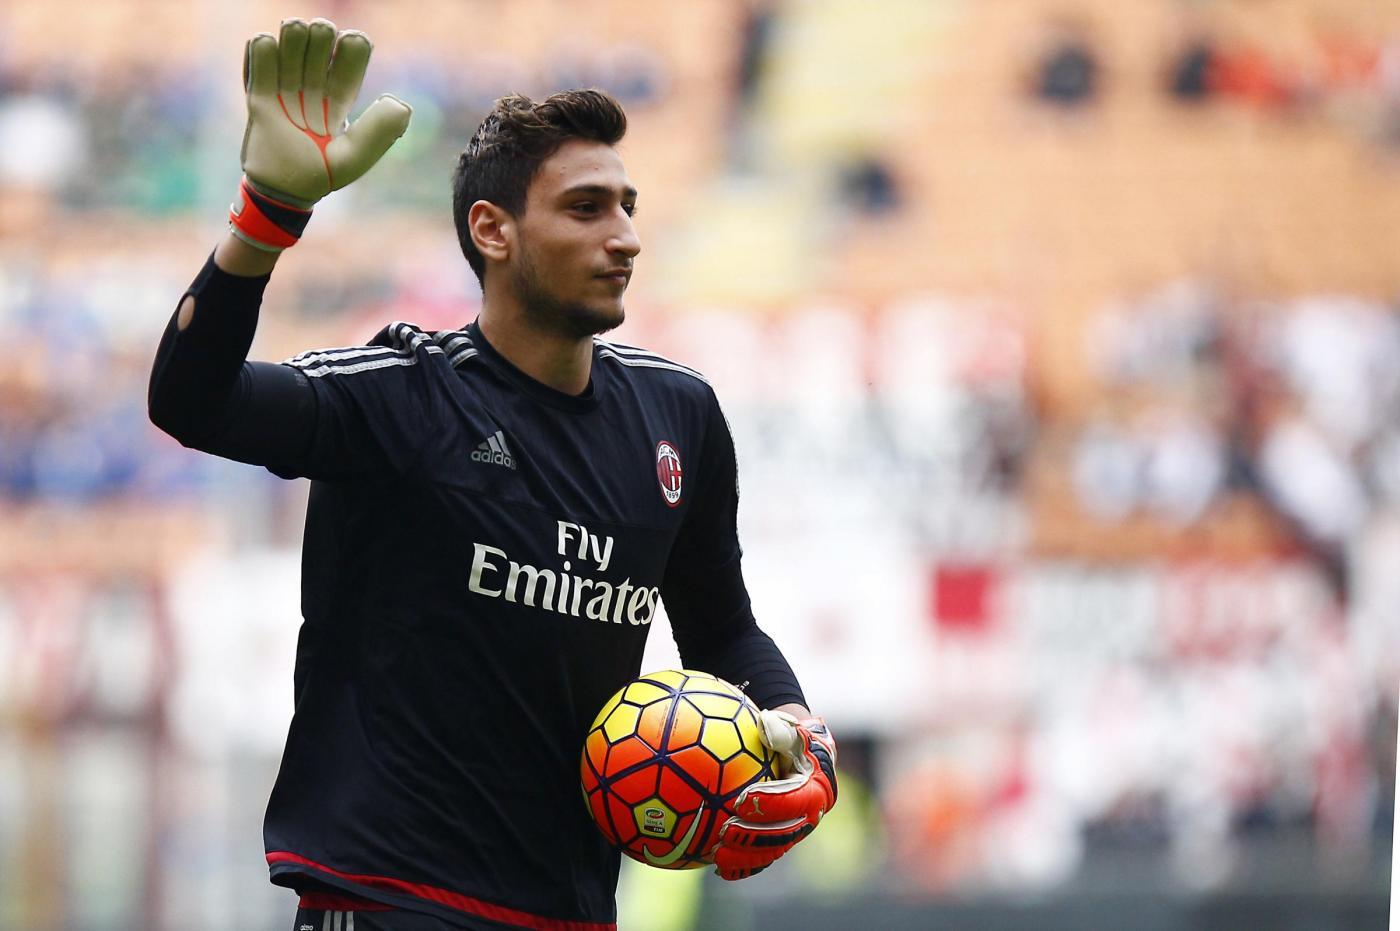 Ραϊόλα: «Απίθανο να φύγει ο Ντοναρούμα από τη Μίλαν» | Sportsking.gr